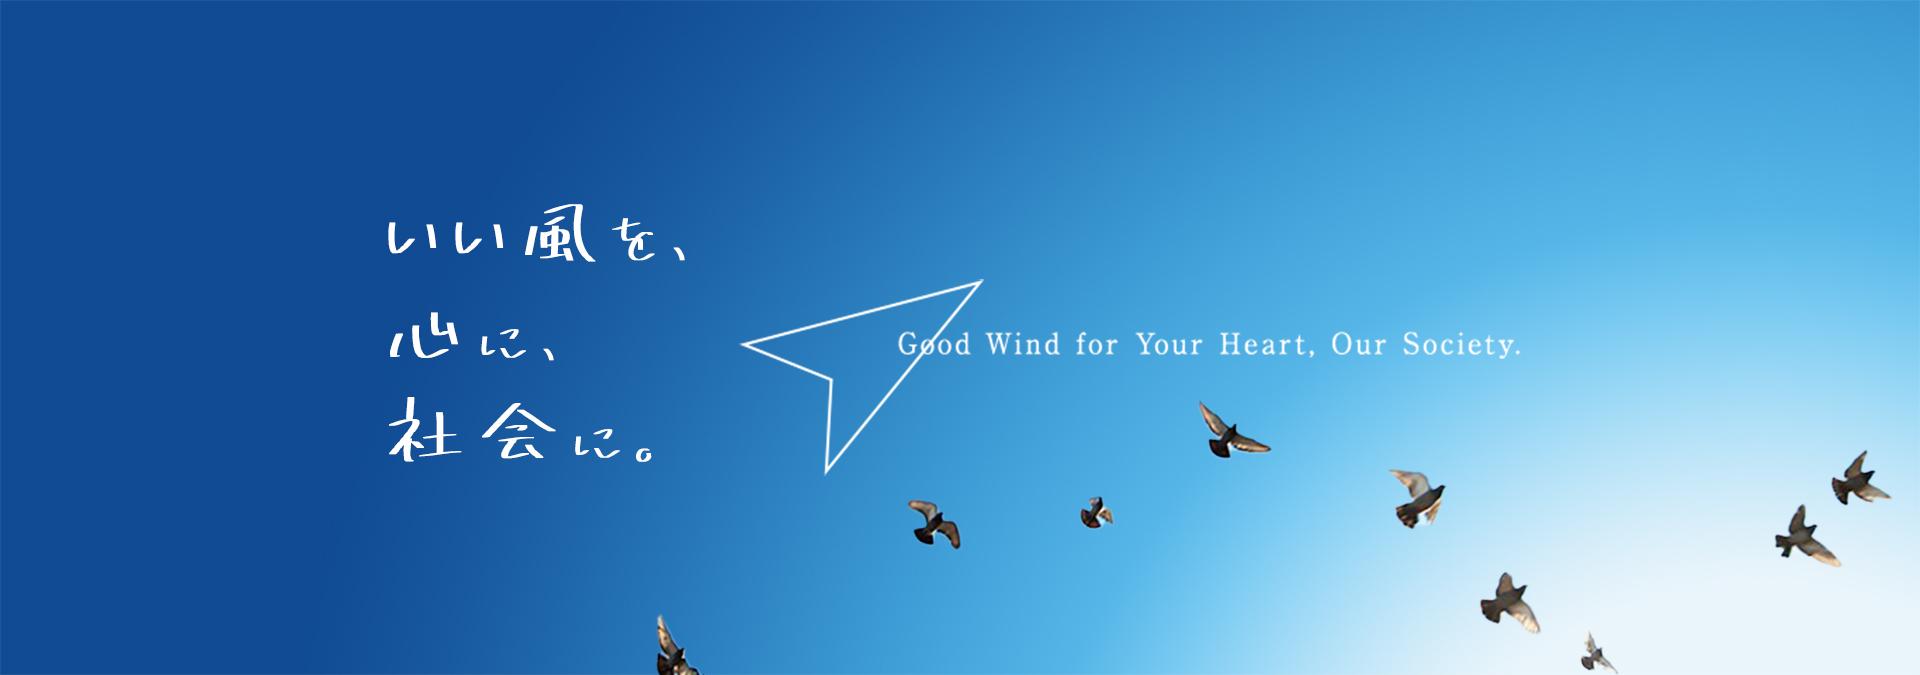 いい風を、心に、社会に。Good Wind for Your Heart, Our Society